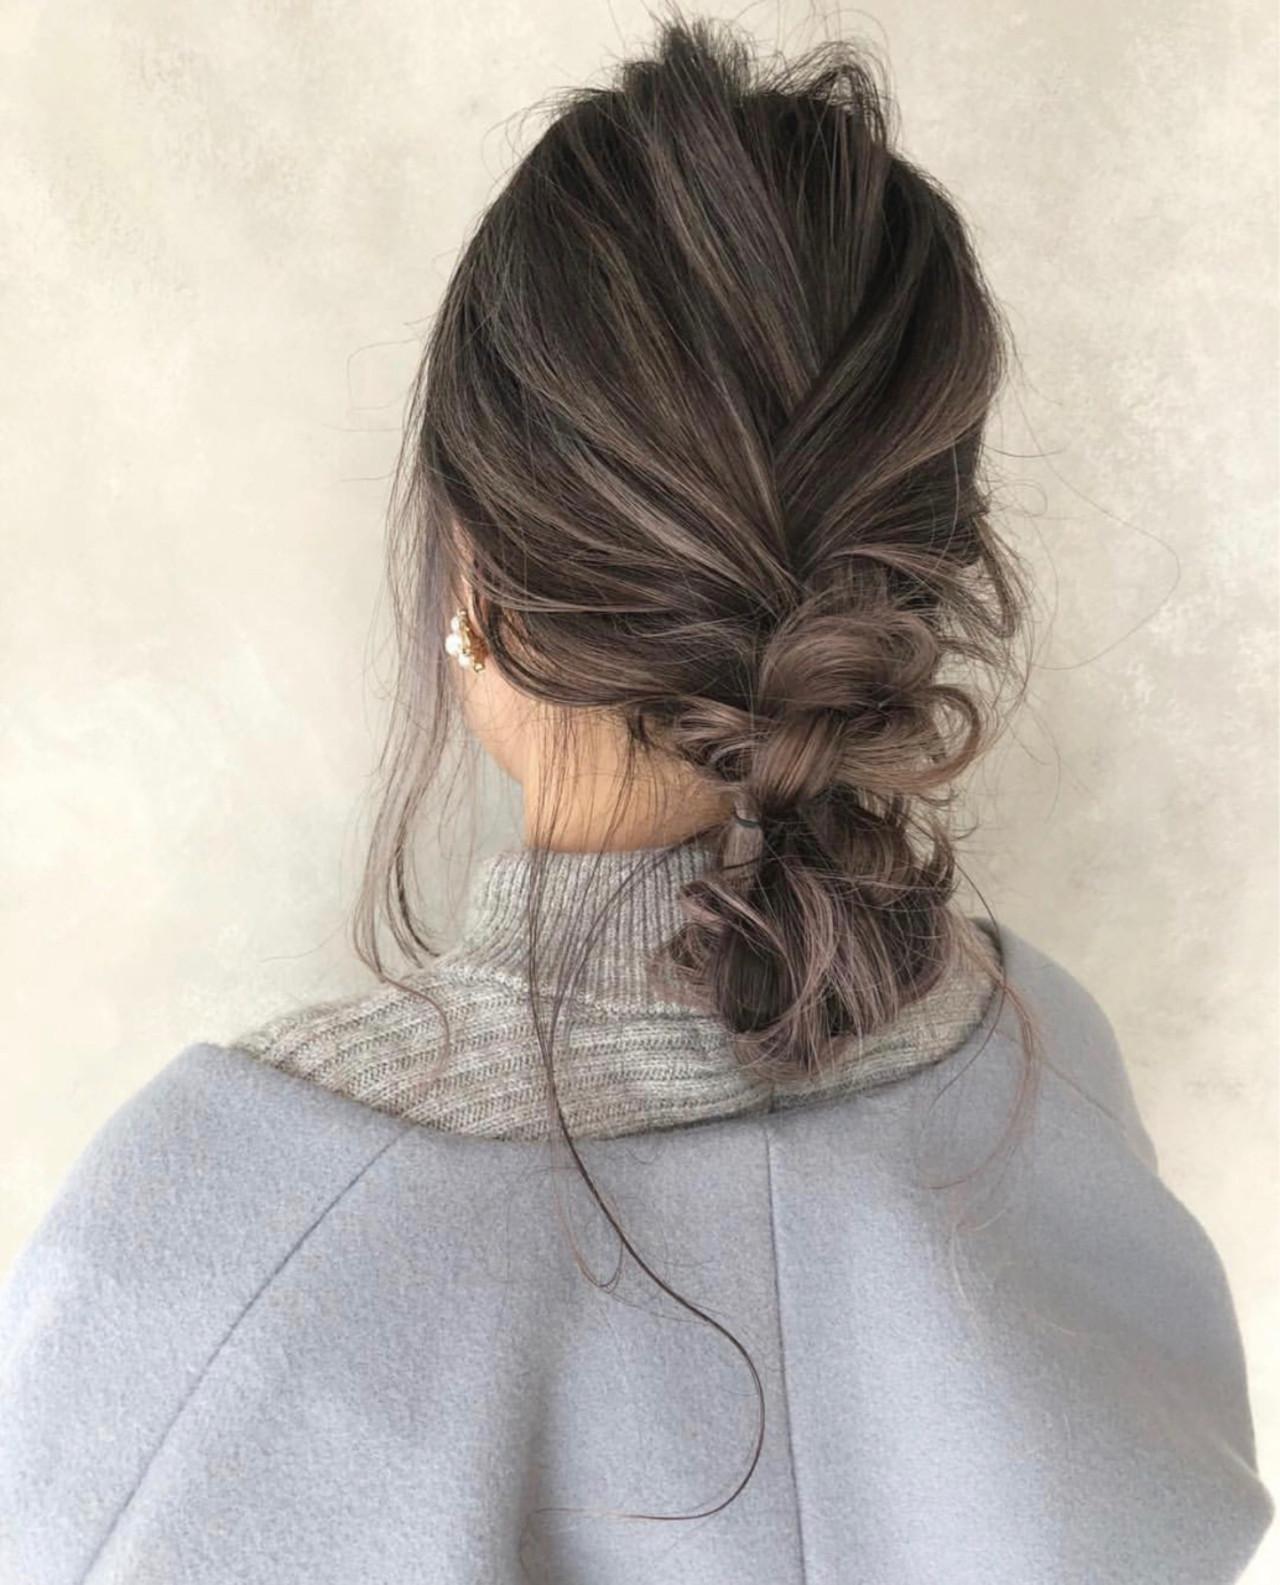 2019年秋冬【グレージュグラデーション】でトレンドヘア♡の16枚目の画像